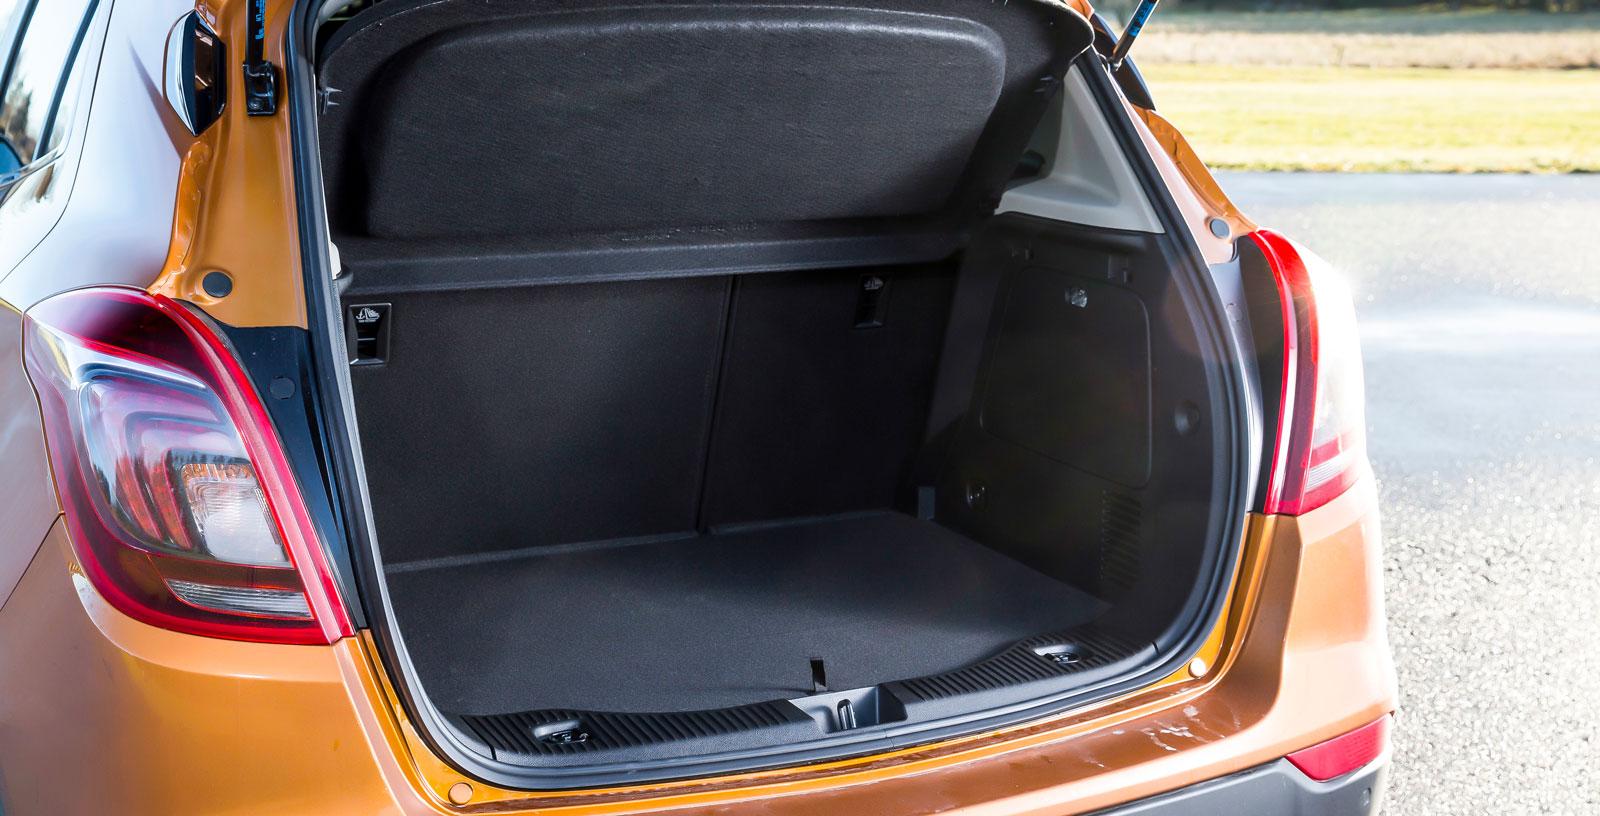 I volym testets minsta bagageutrymme men utformningen är bra och lastgolvet blir plant när ryggstöd och sittdynor fälls.